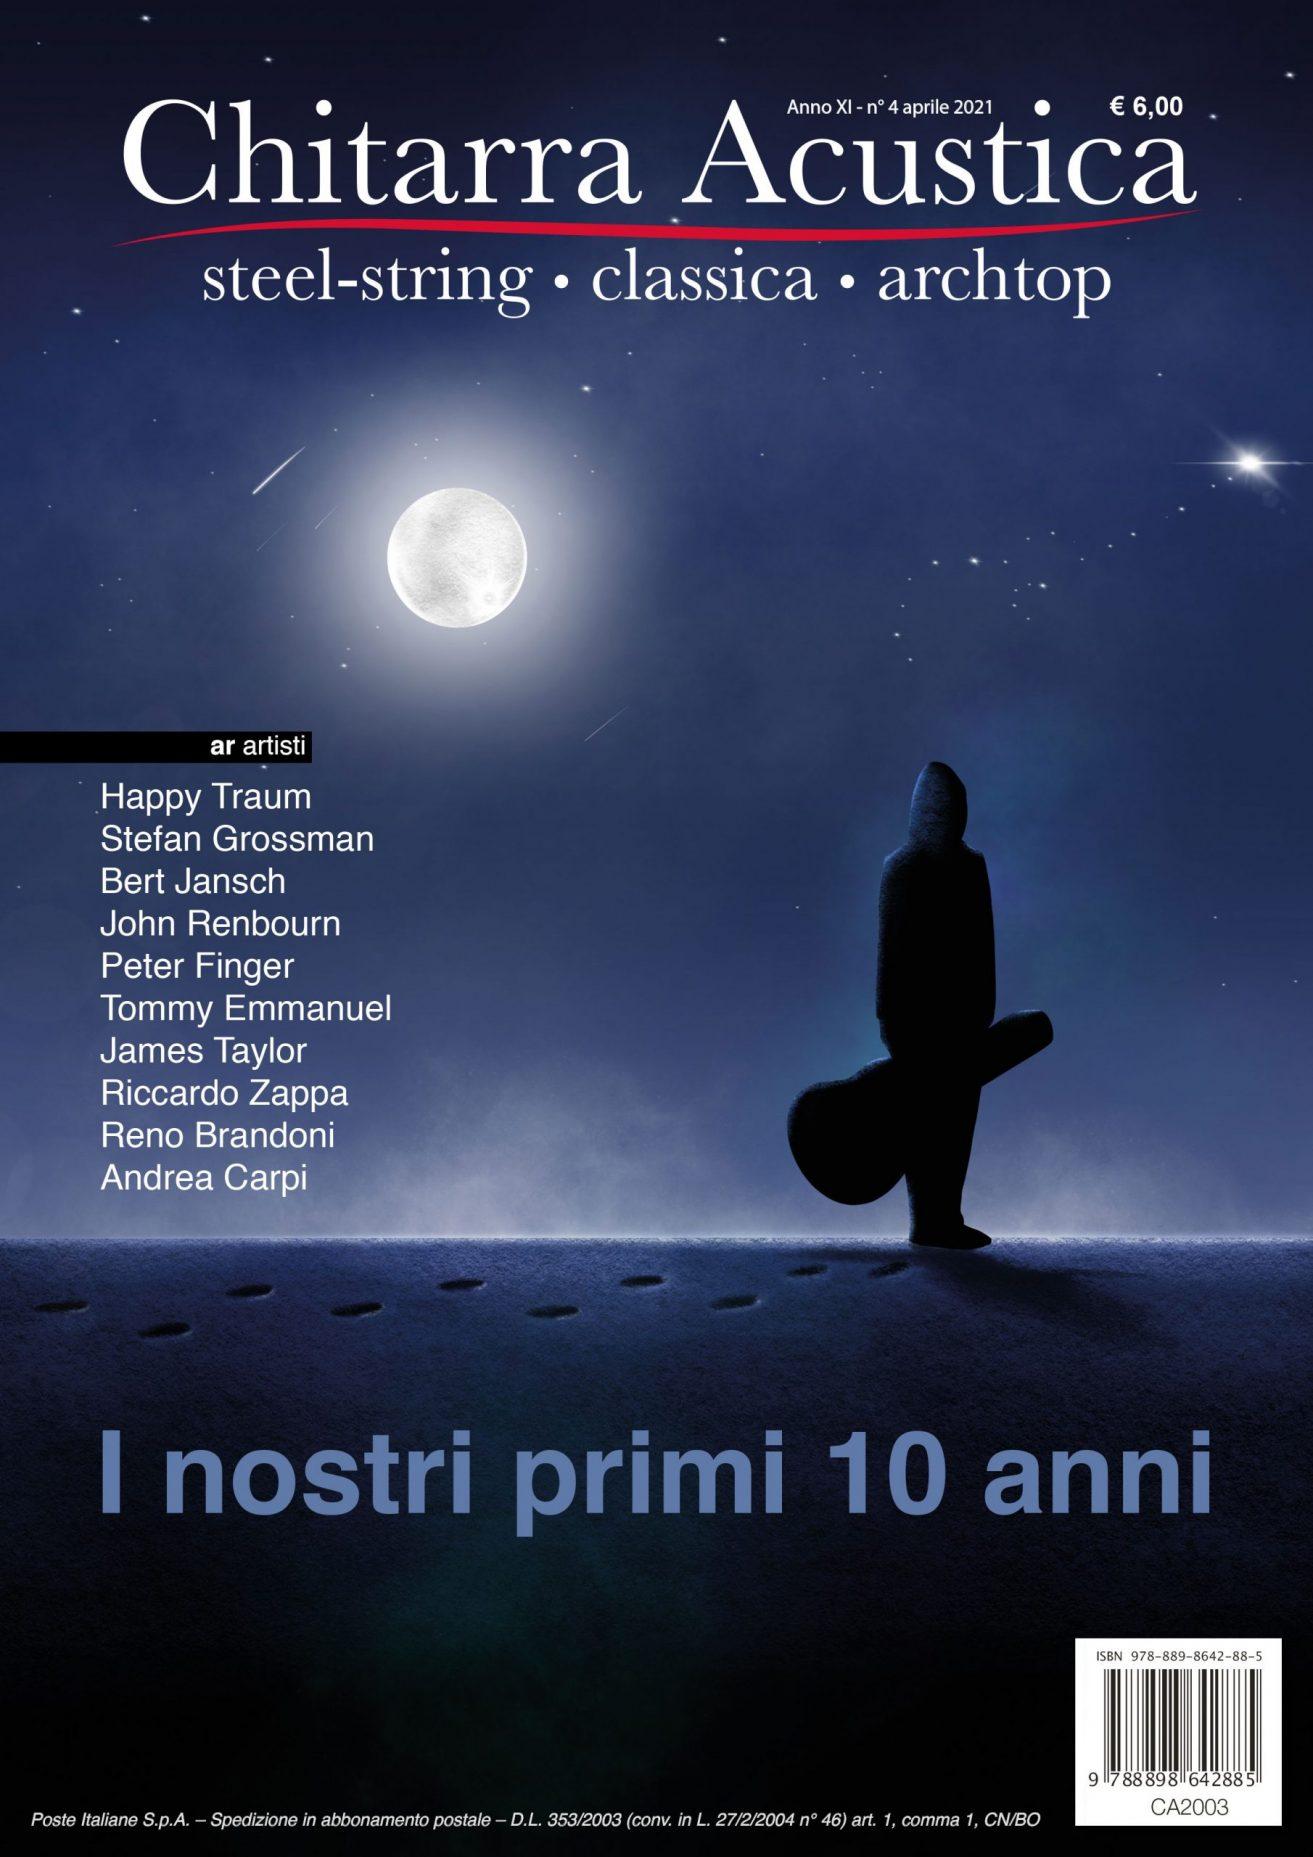 Chitarra Acustica, 4-21